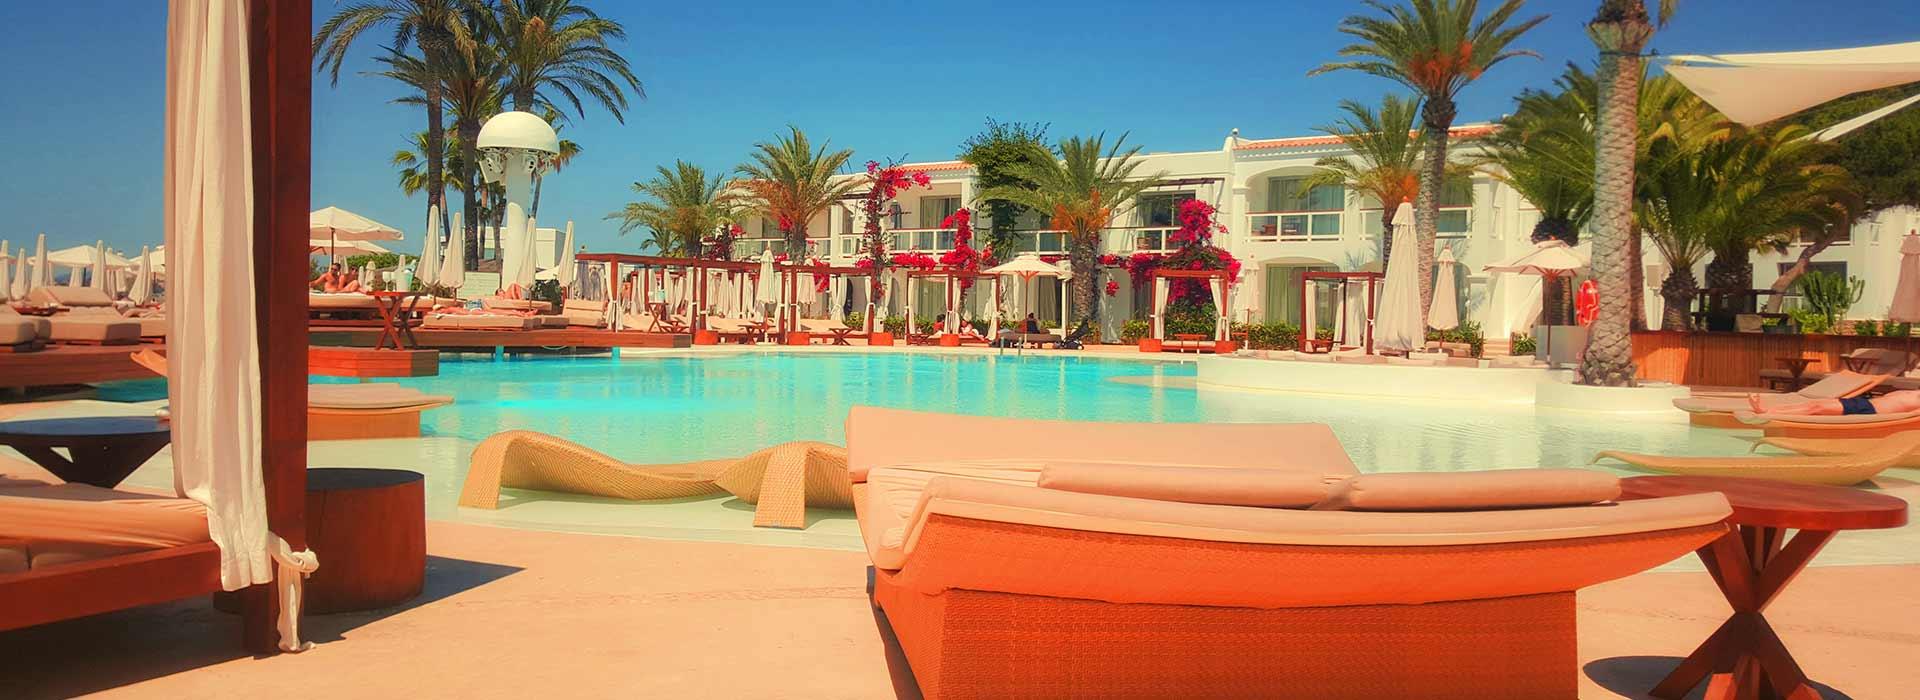 Oasis Eco Resort – Dubai enfin écolo ?